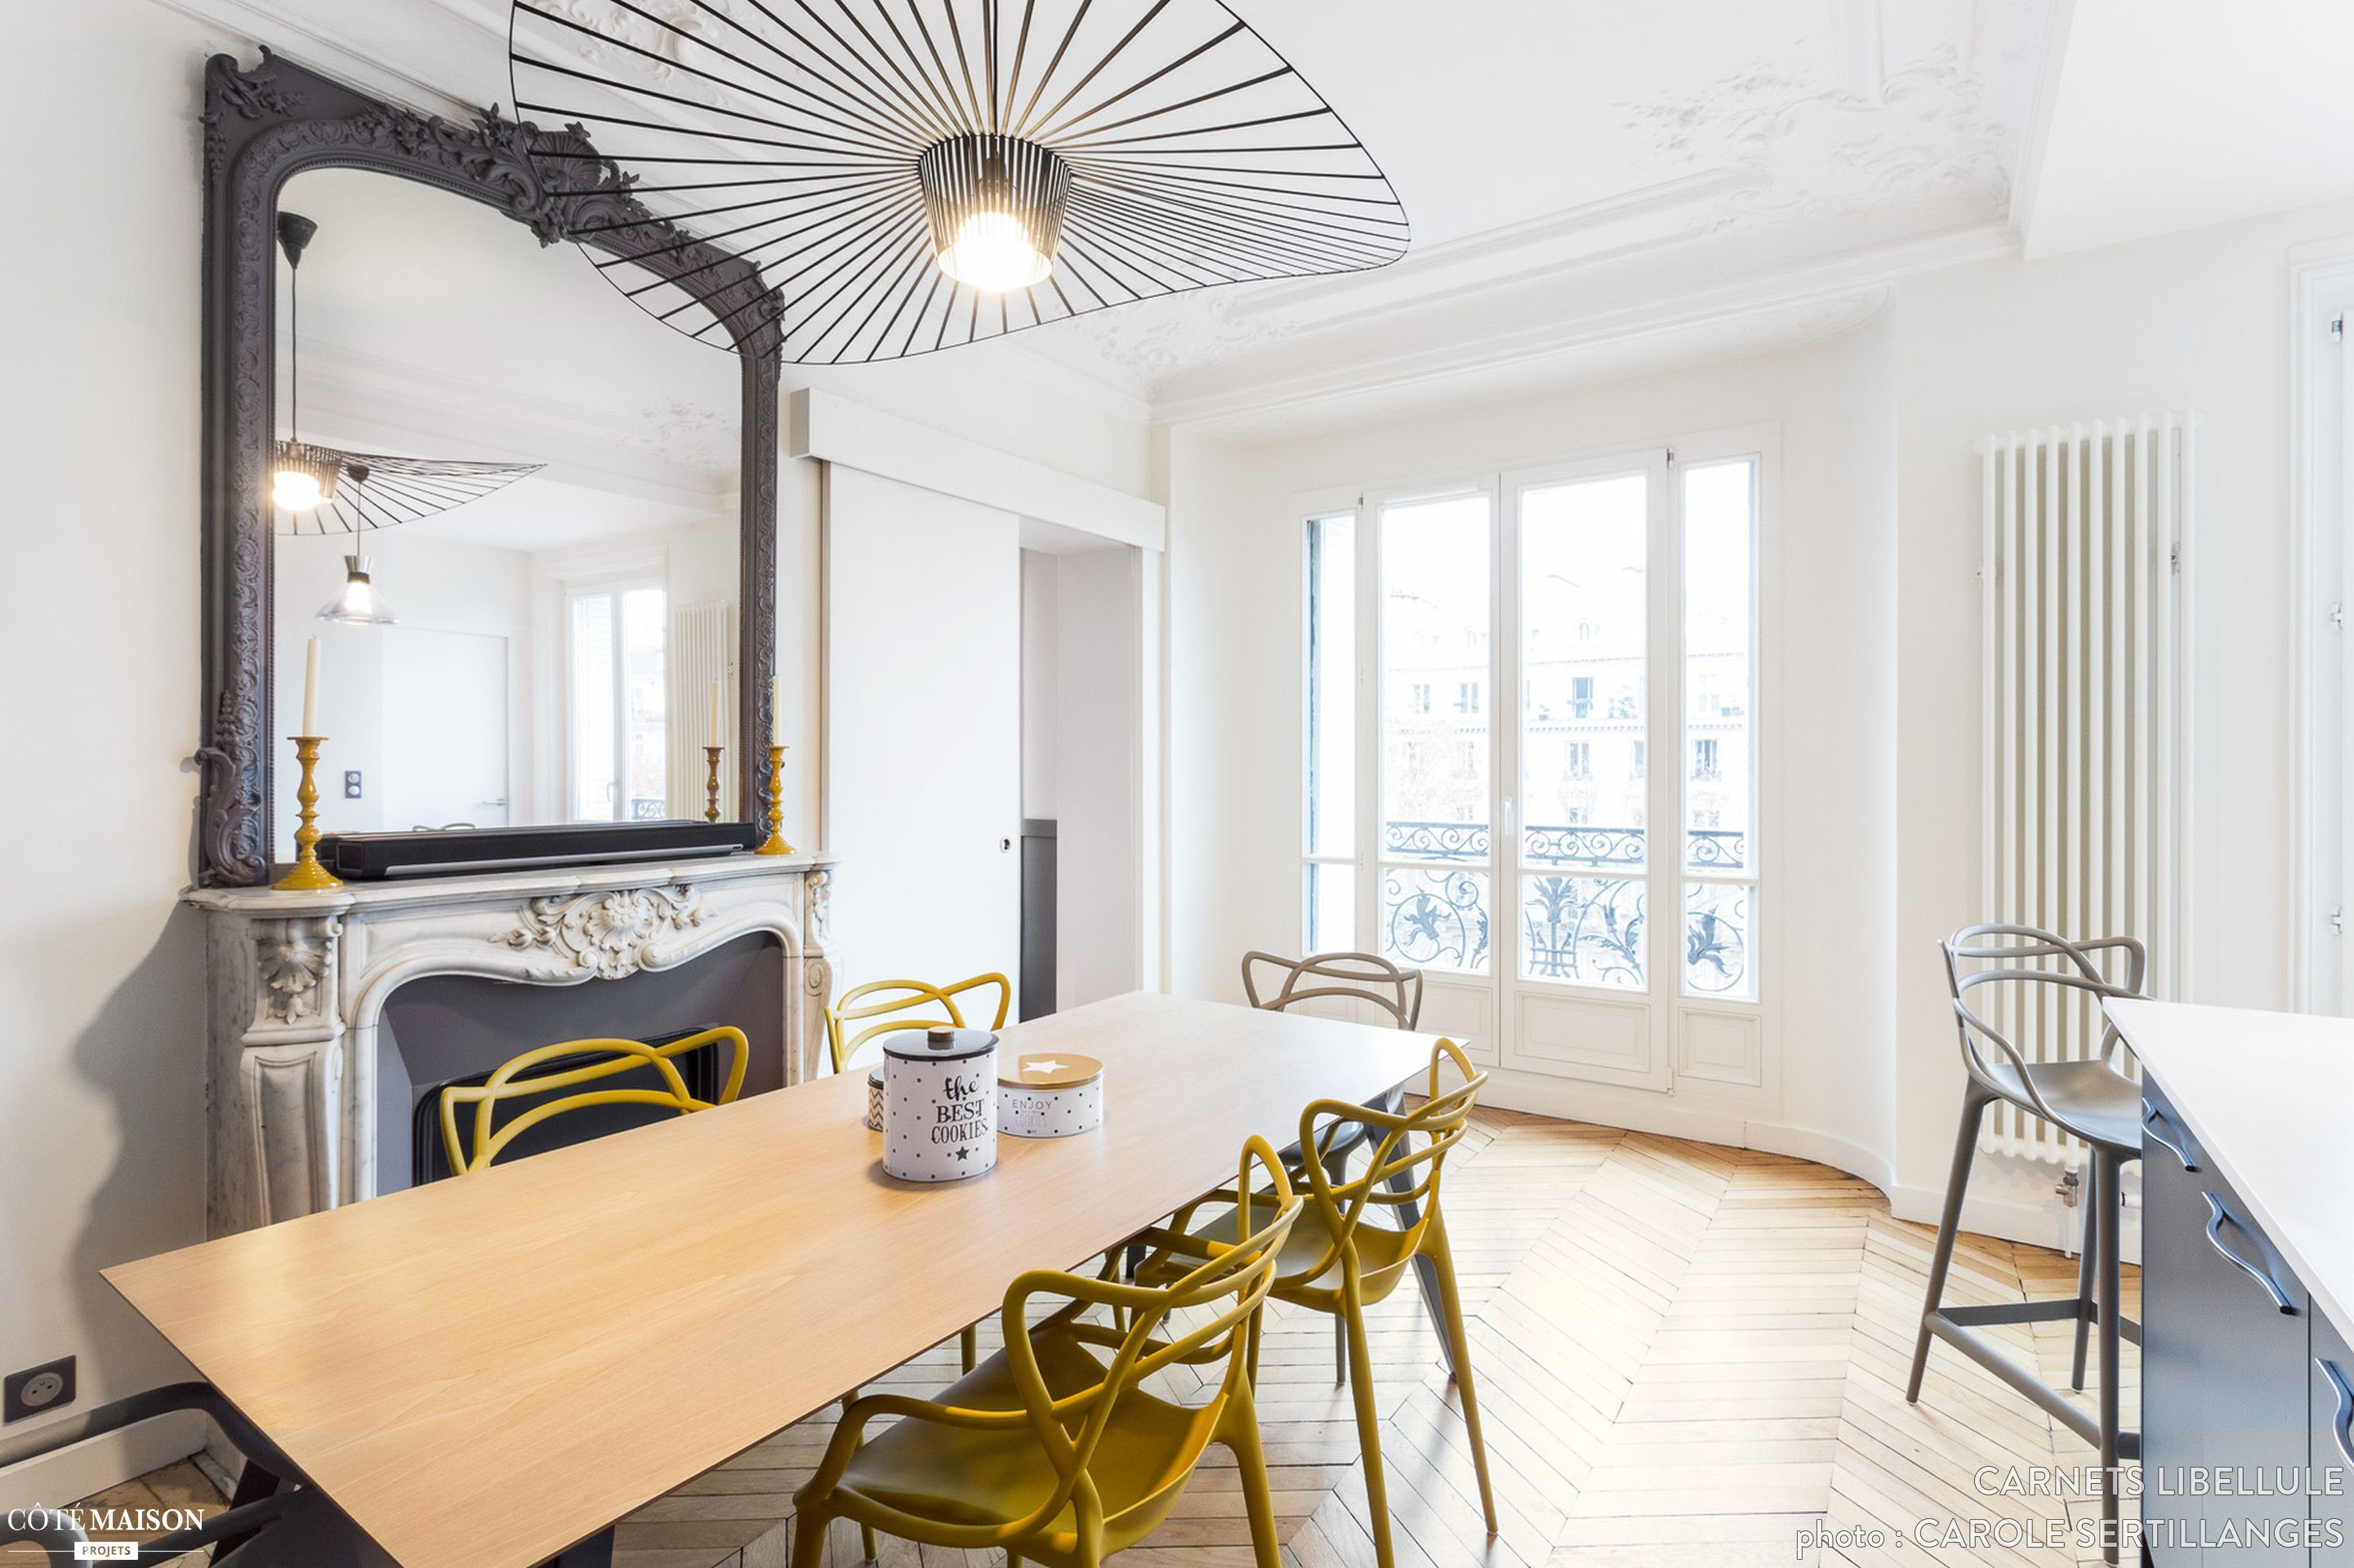 Cuisine Moderne Dans Un Appartement Haussmannien Coralie Vasseur Cote Maison